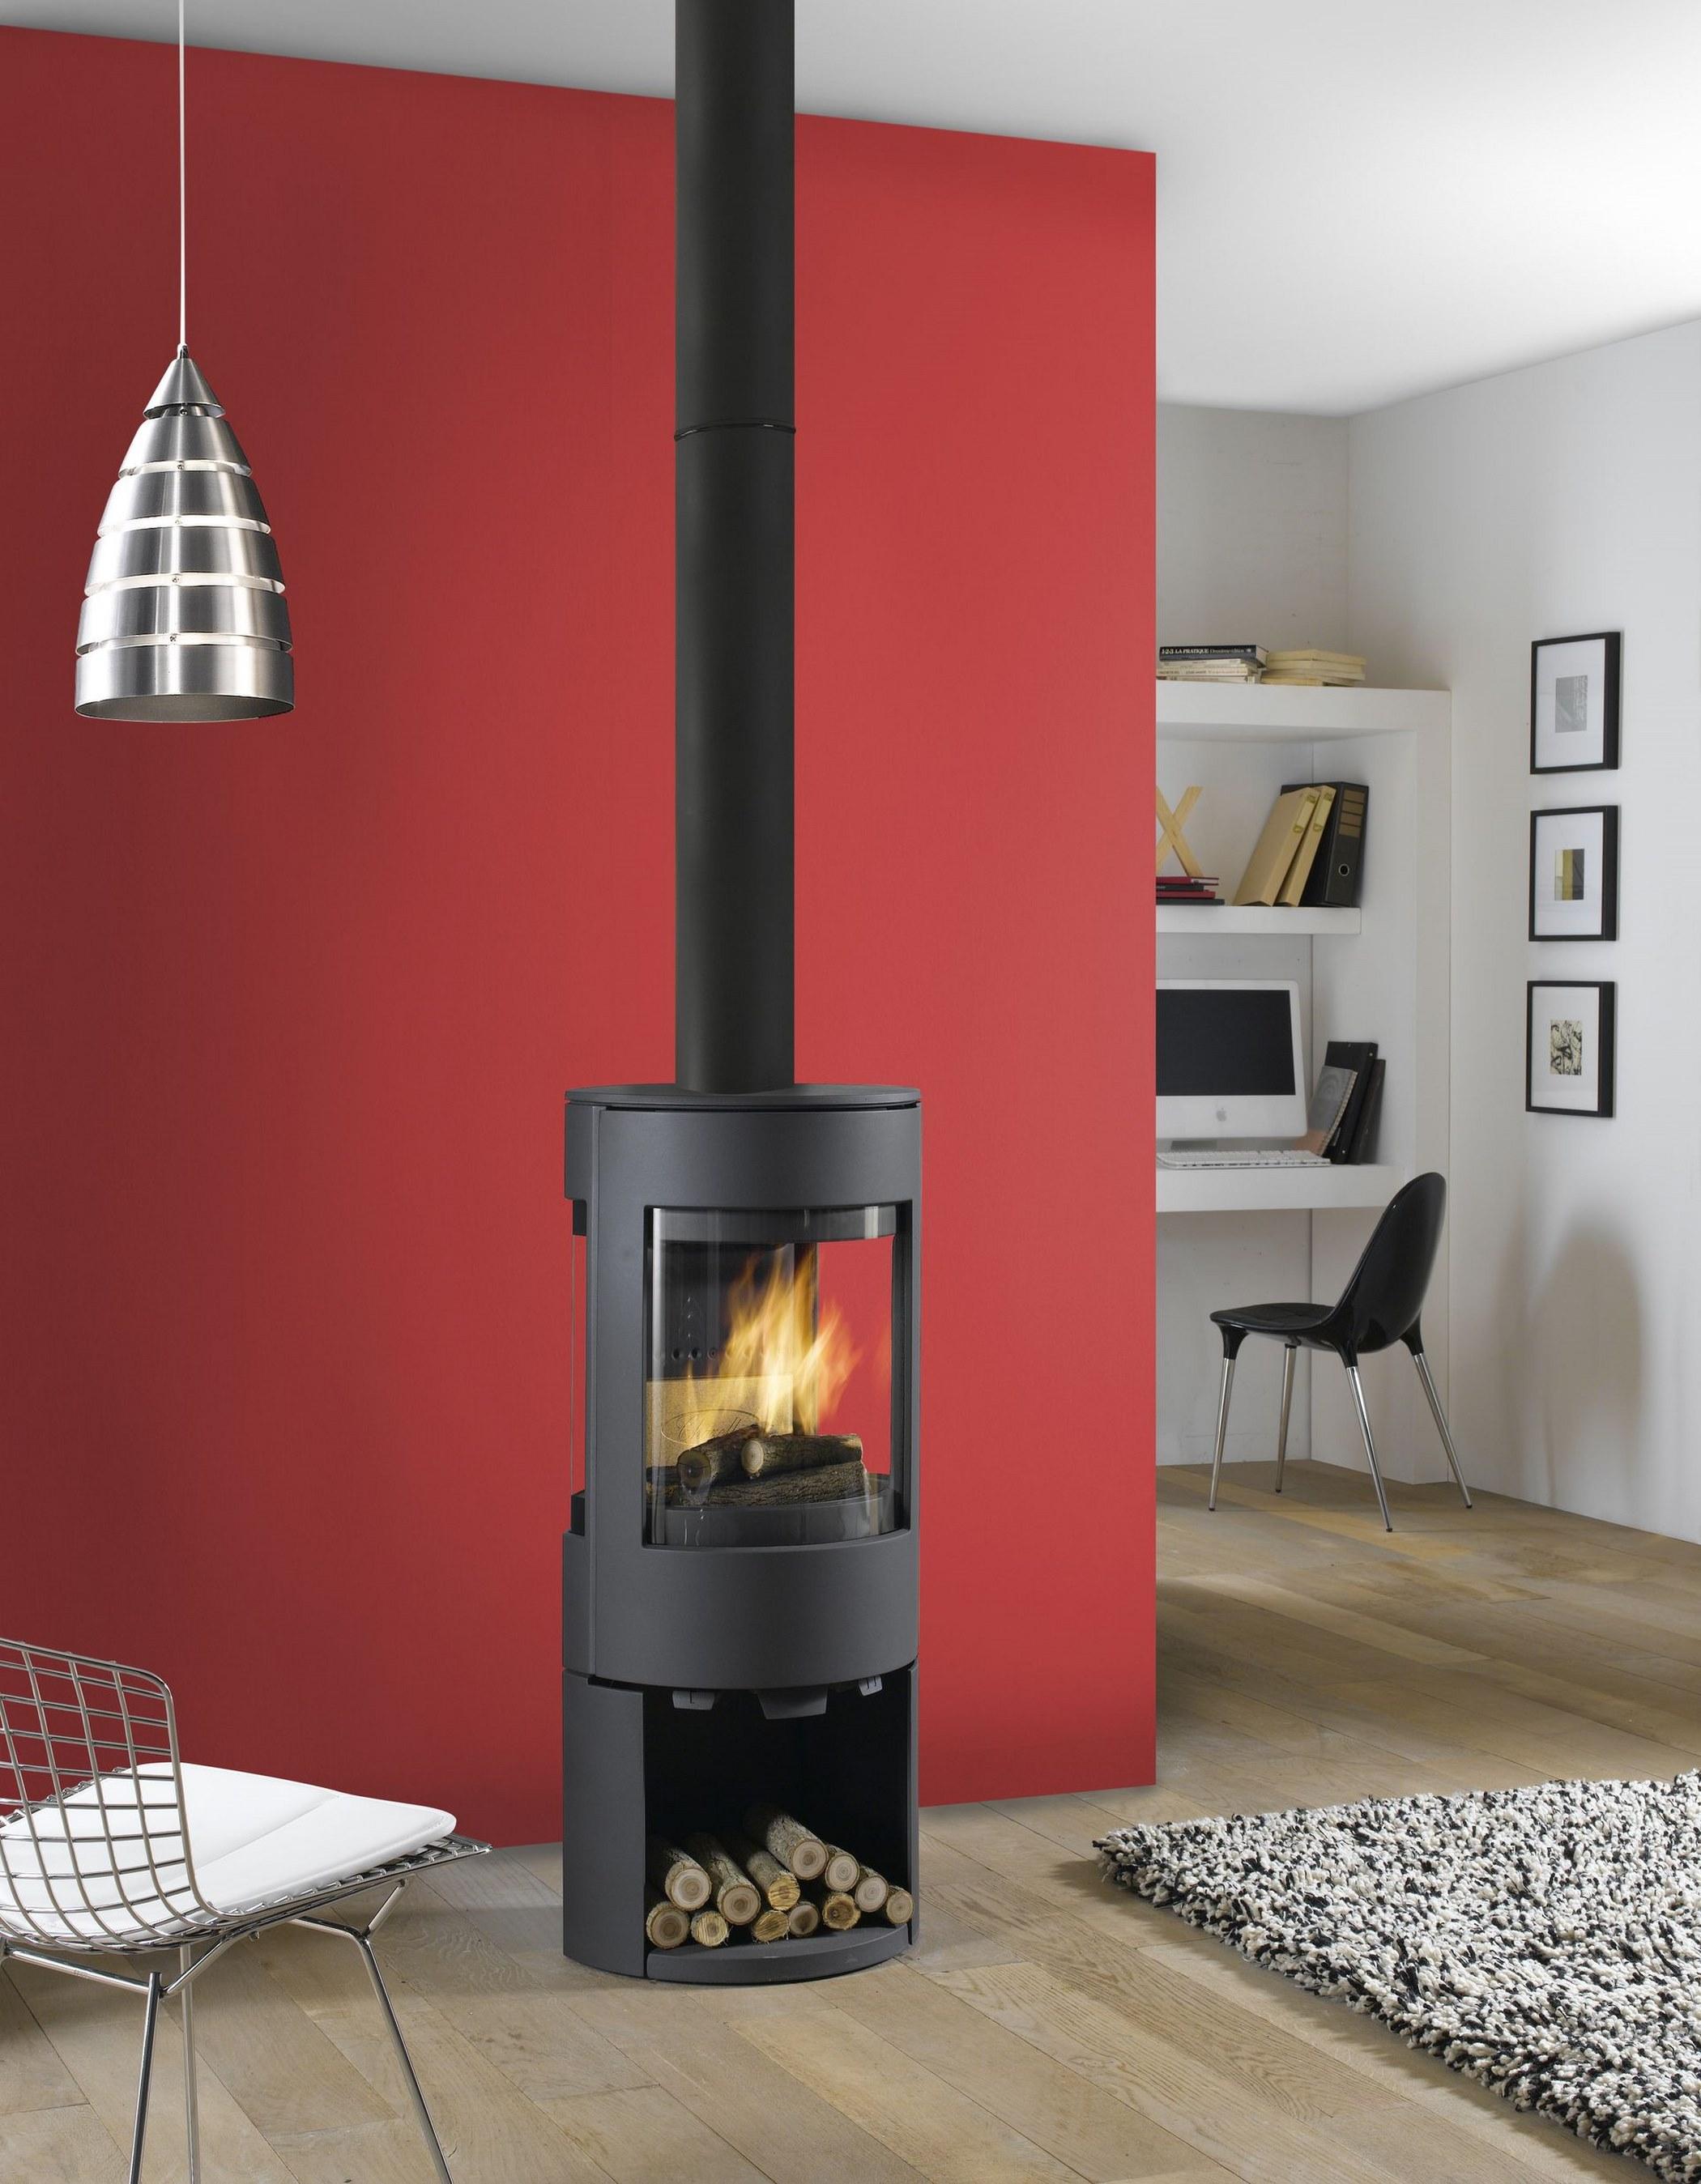 po le bois solstice chemin e et po le vend e 85 bois granul s pellet bellier neau. Black Bedroom Furniture Sets. Home Design Ideas